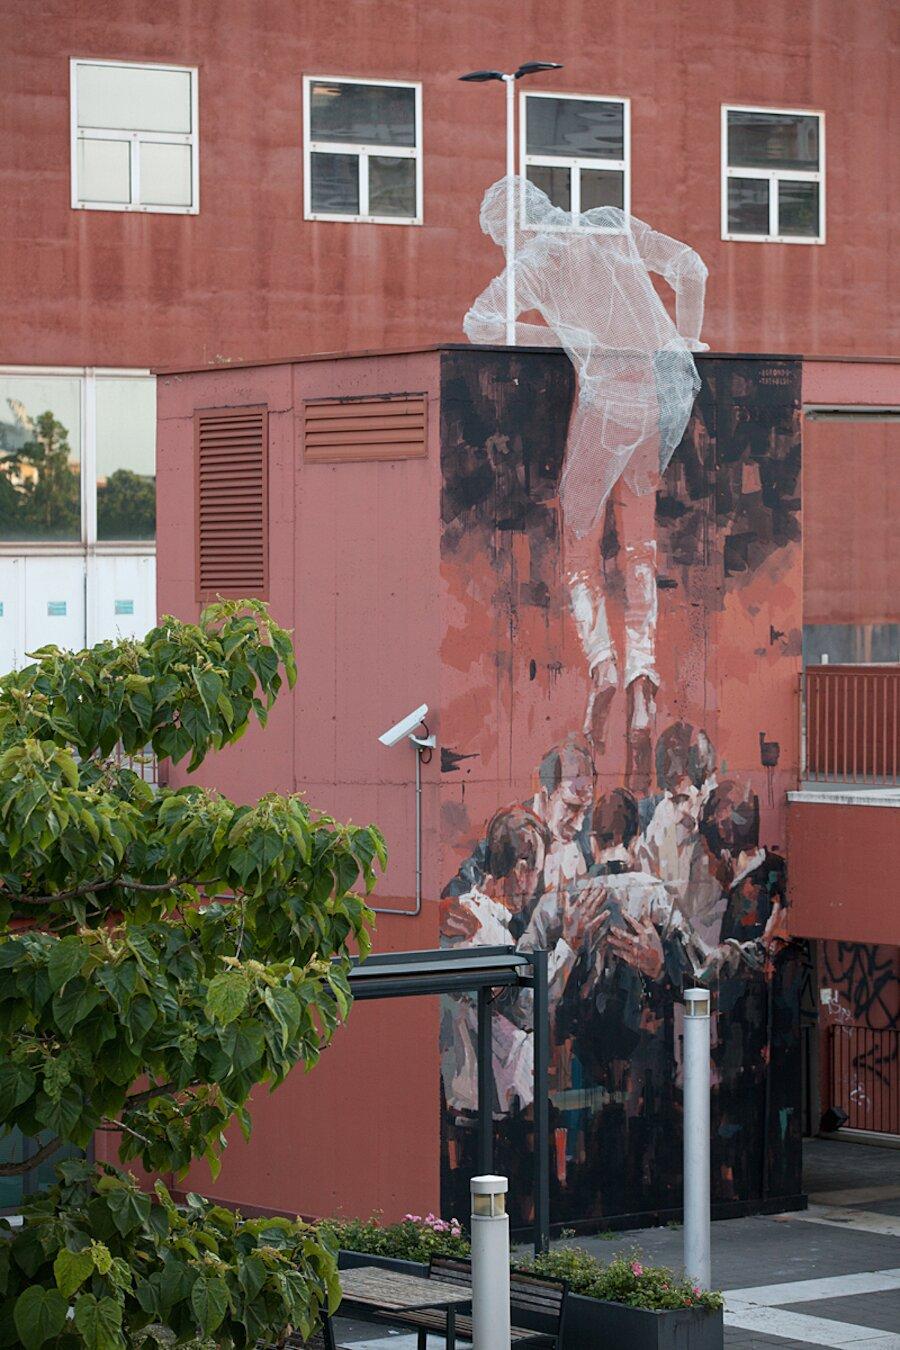 scultura-filo-metallo-street-art-edoardo-tresoldi-gonzalo-borondo-chained-bicocca-milano-5